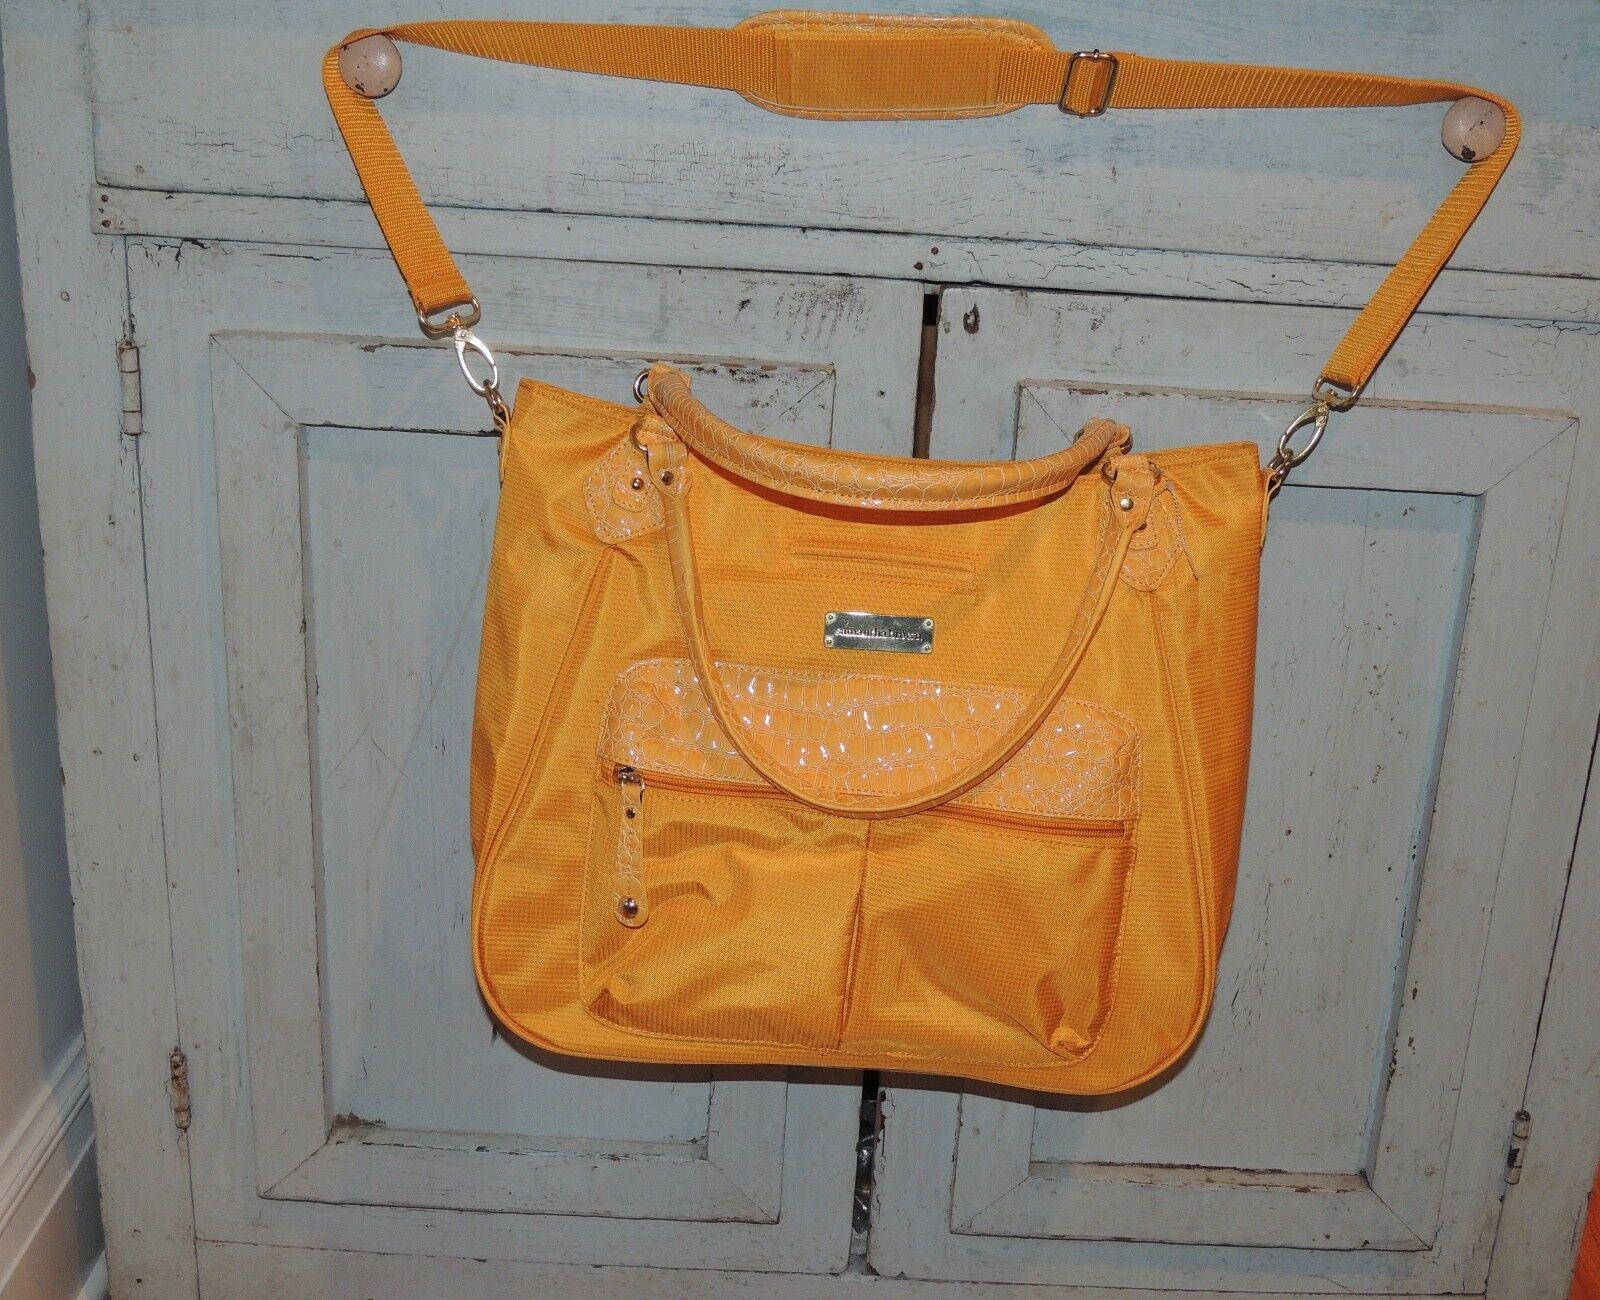 Samantha Brown Bag Handbag Purse Luggage Carry On Over Night